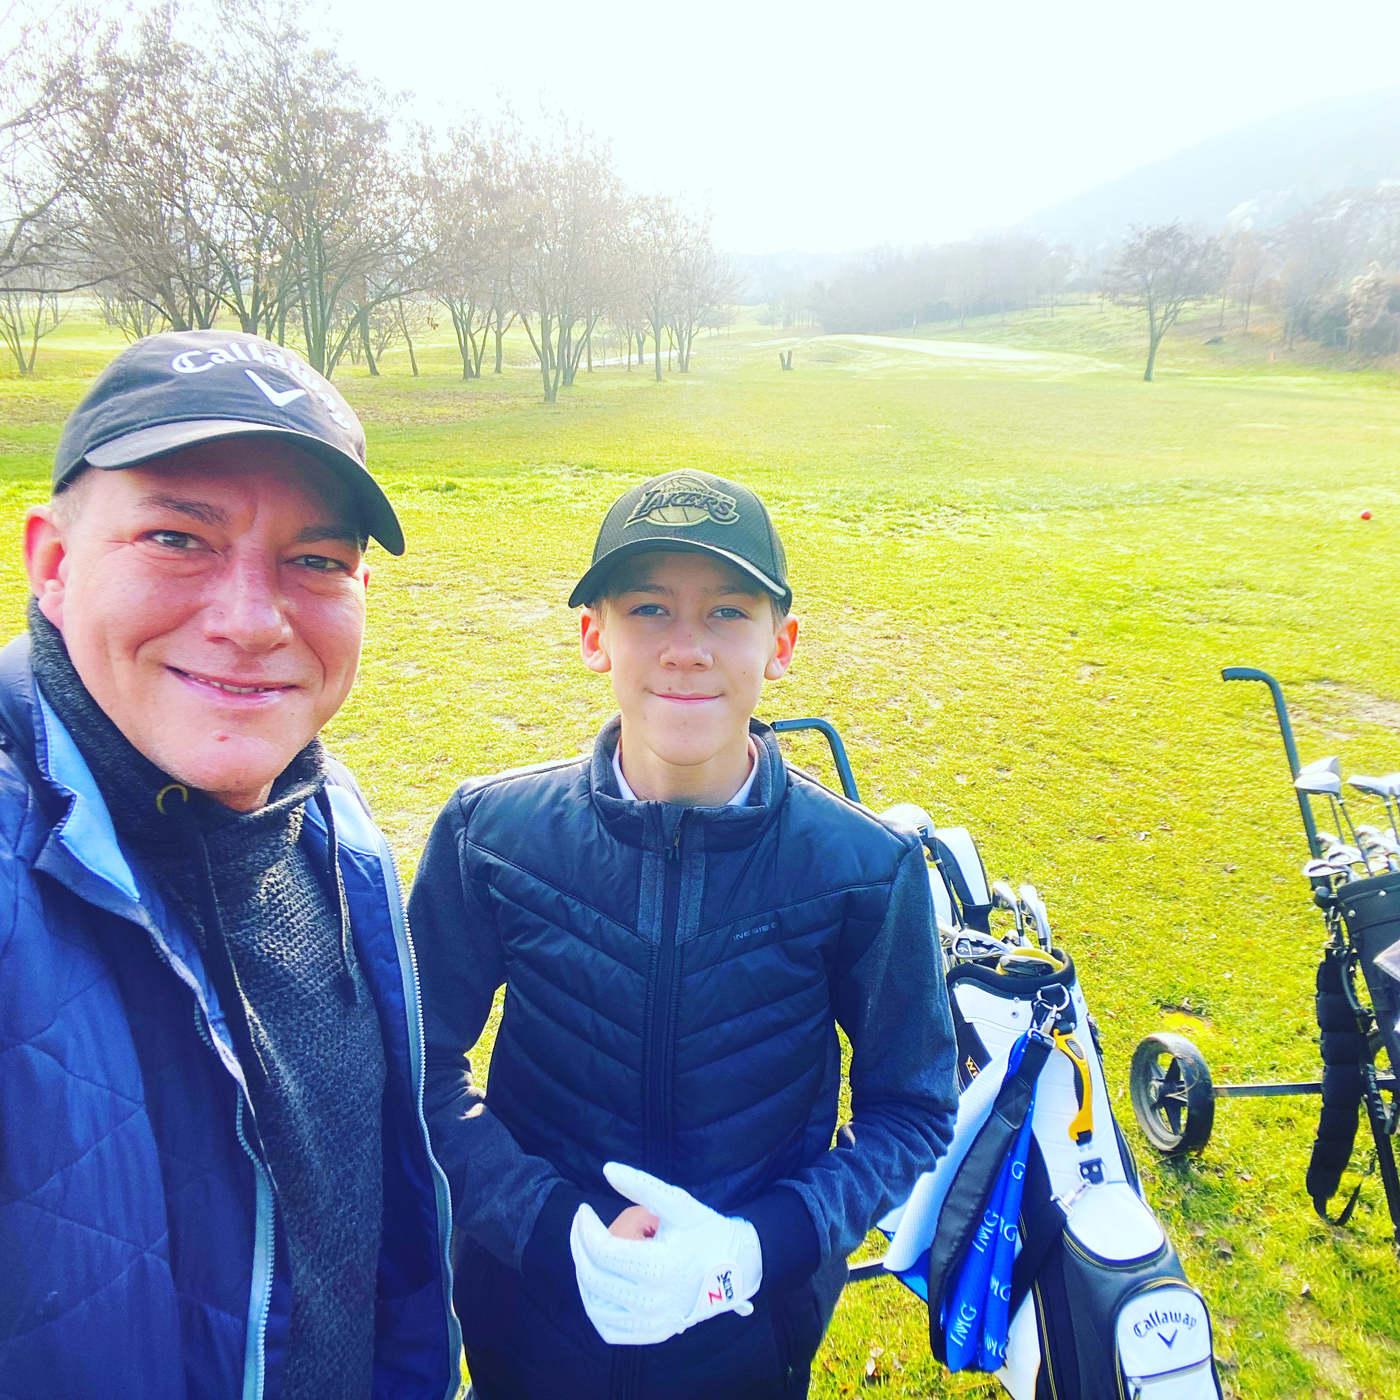 Németh Kristóf kamasz fia profi sportolónak készül